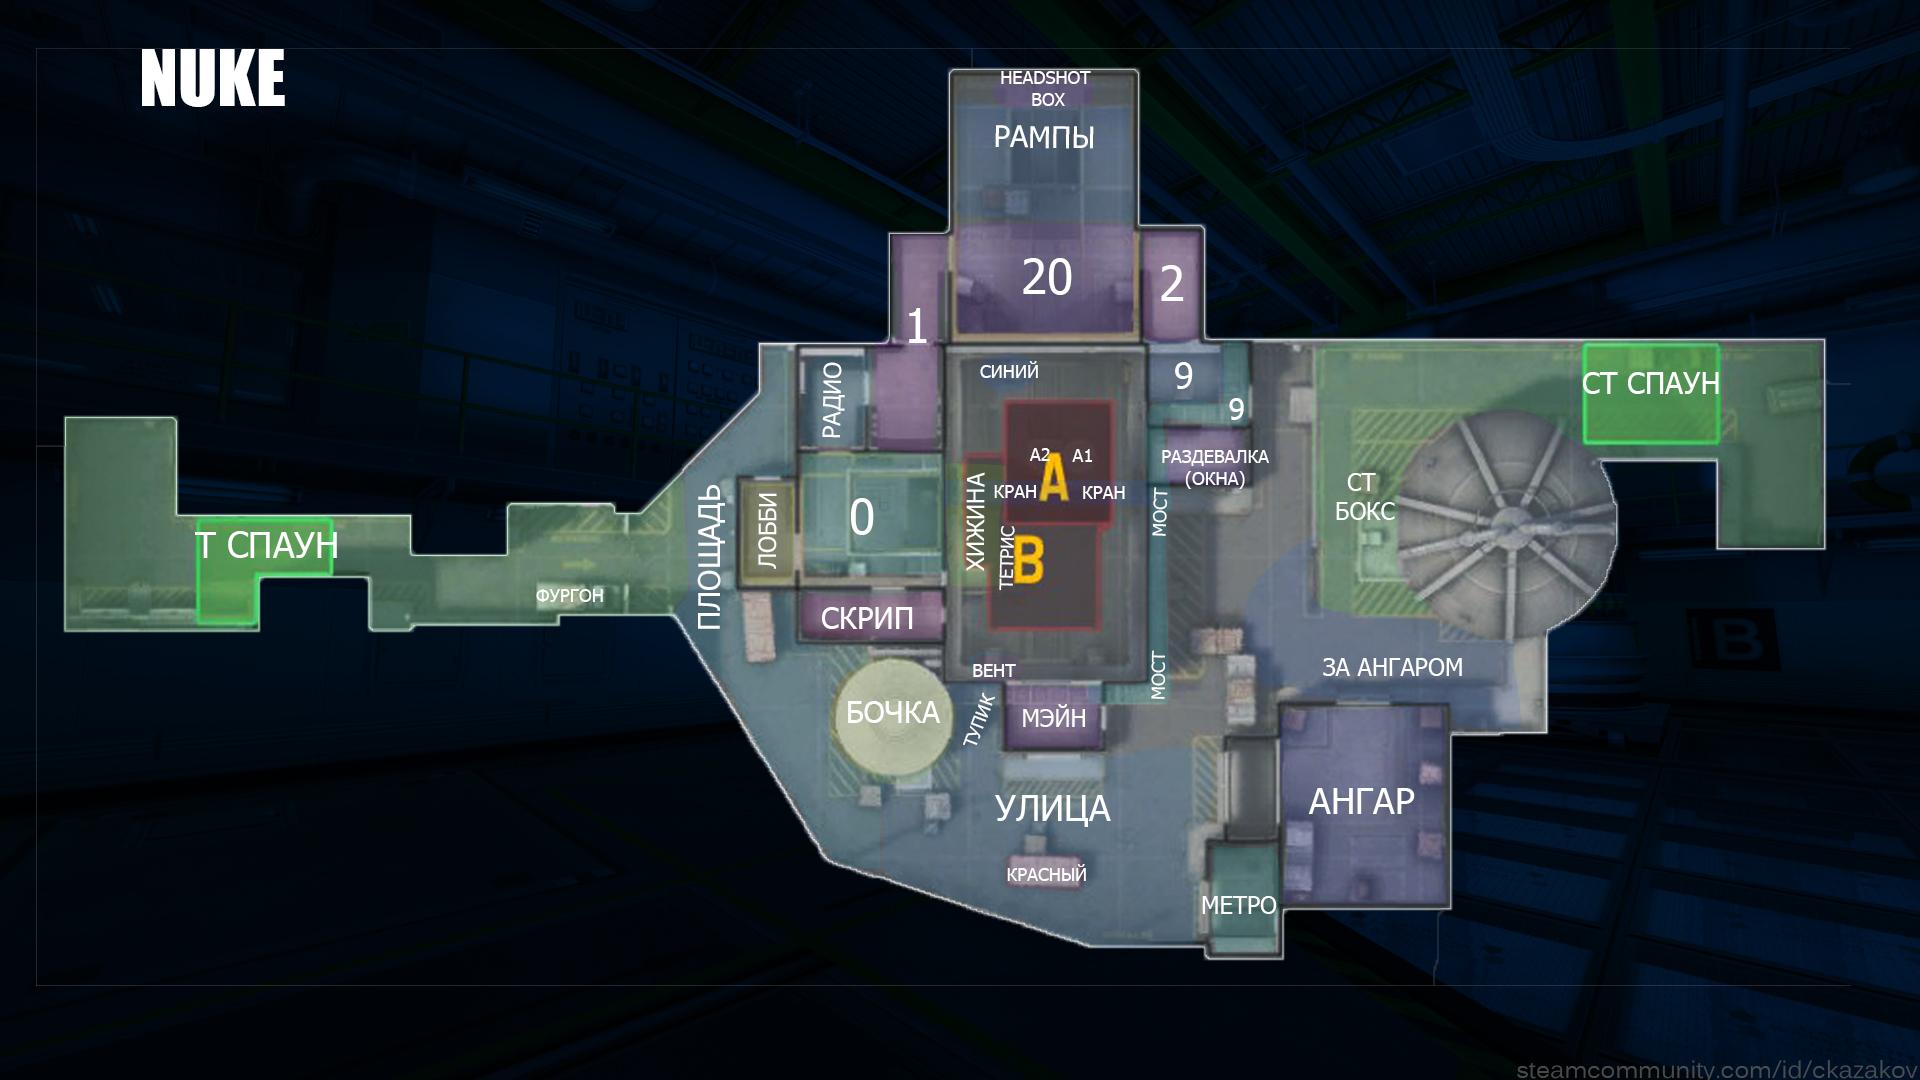 Обозначение позиций на карте Nuke